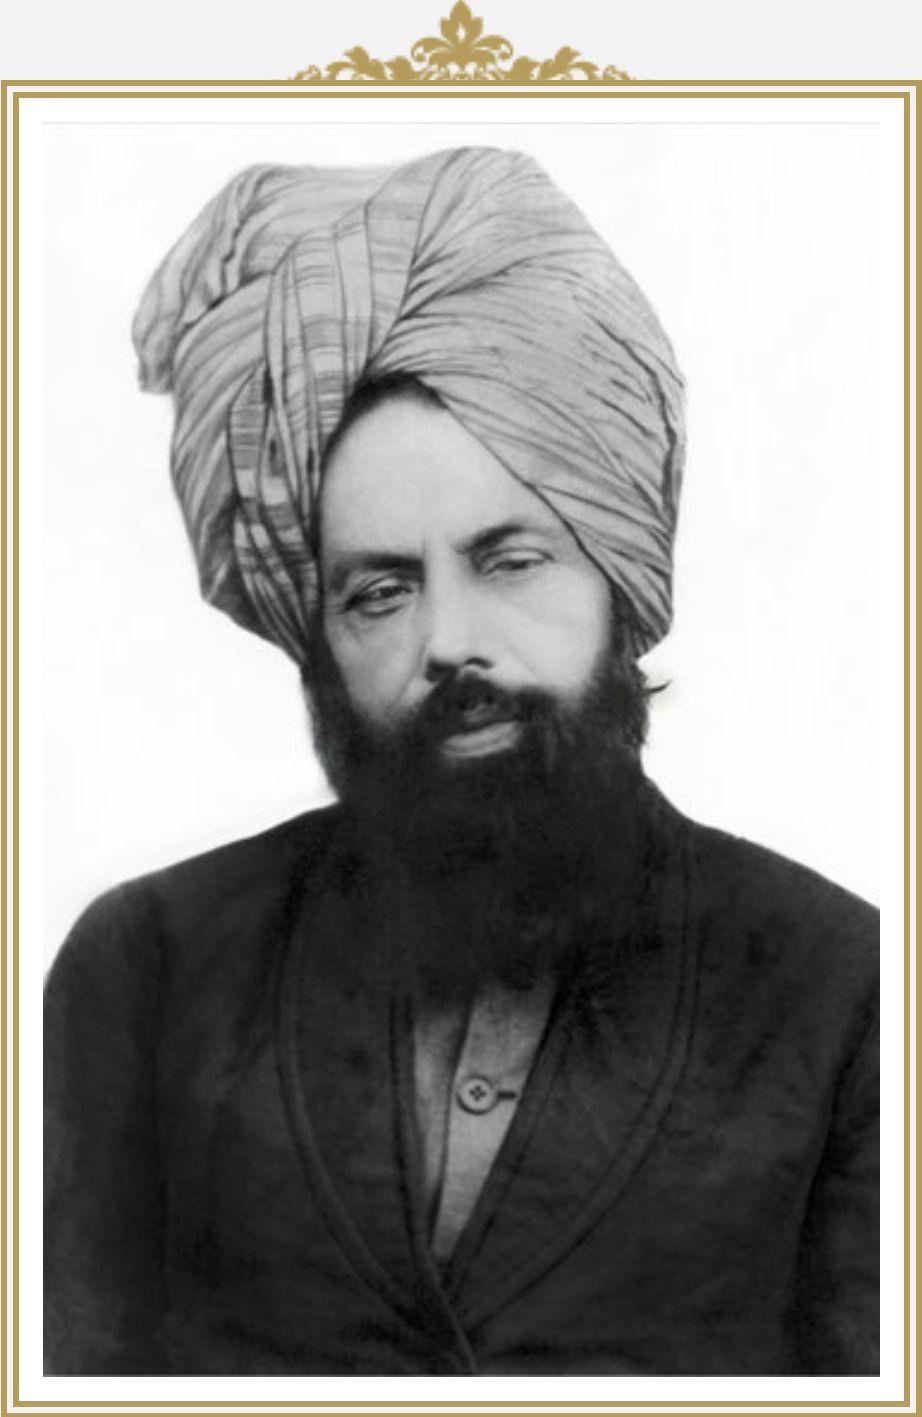 Hazrat Mirza Ghulam Ahmad, De Beloofde Messias en Mahdi